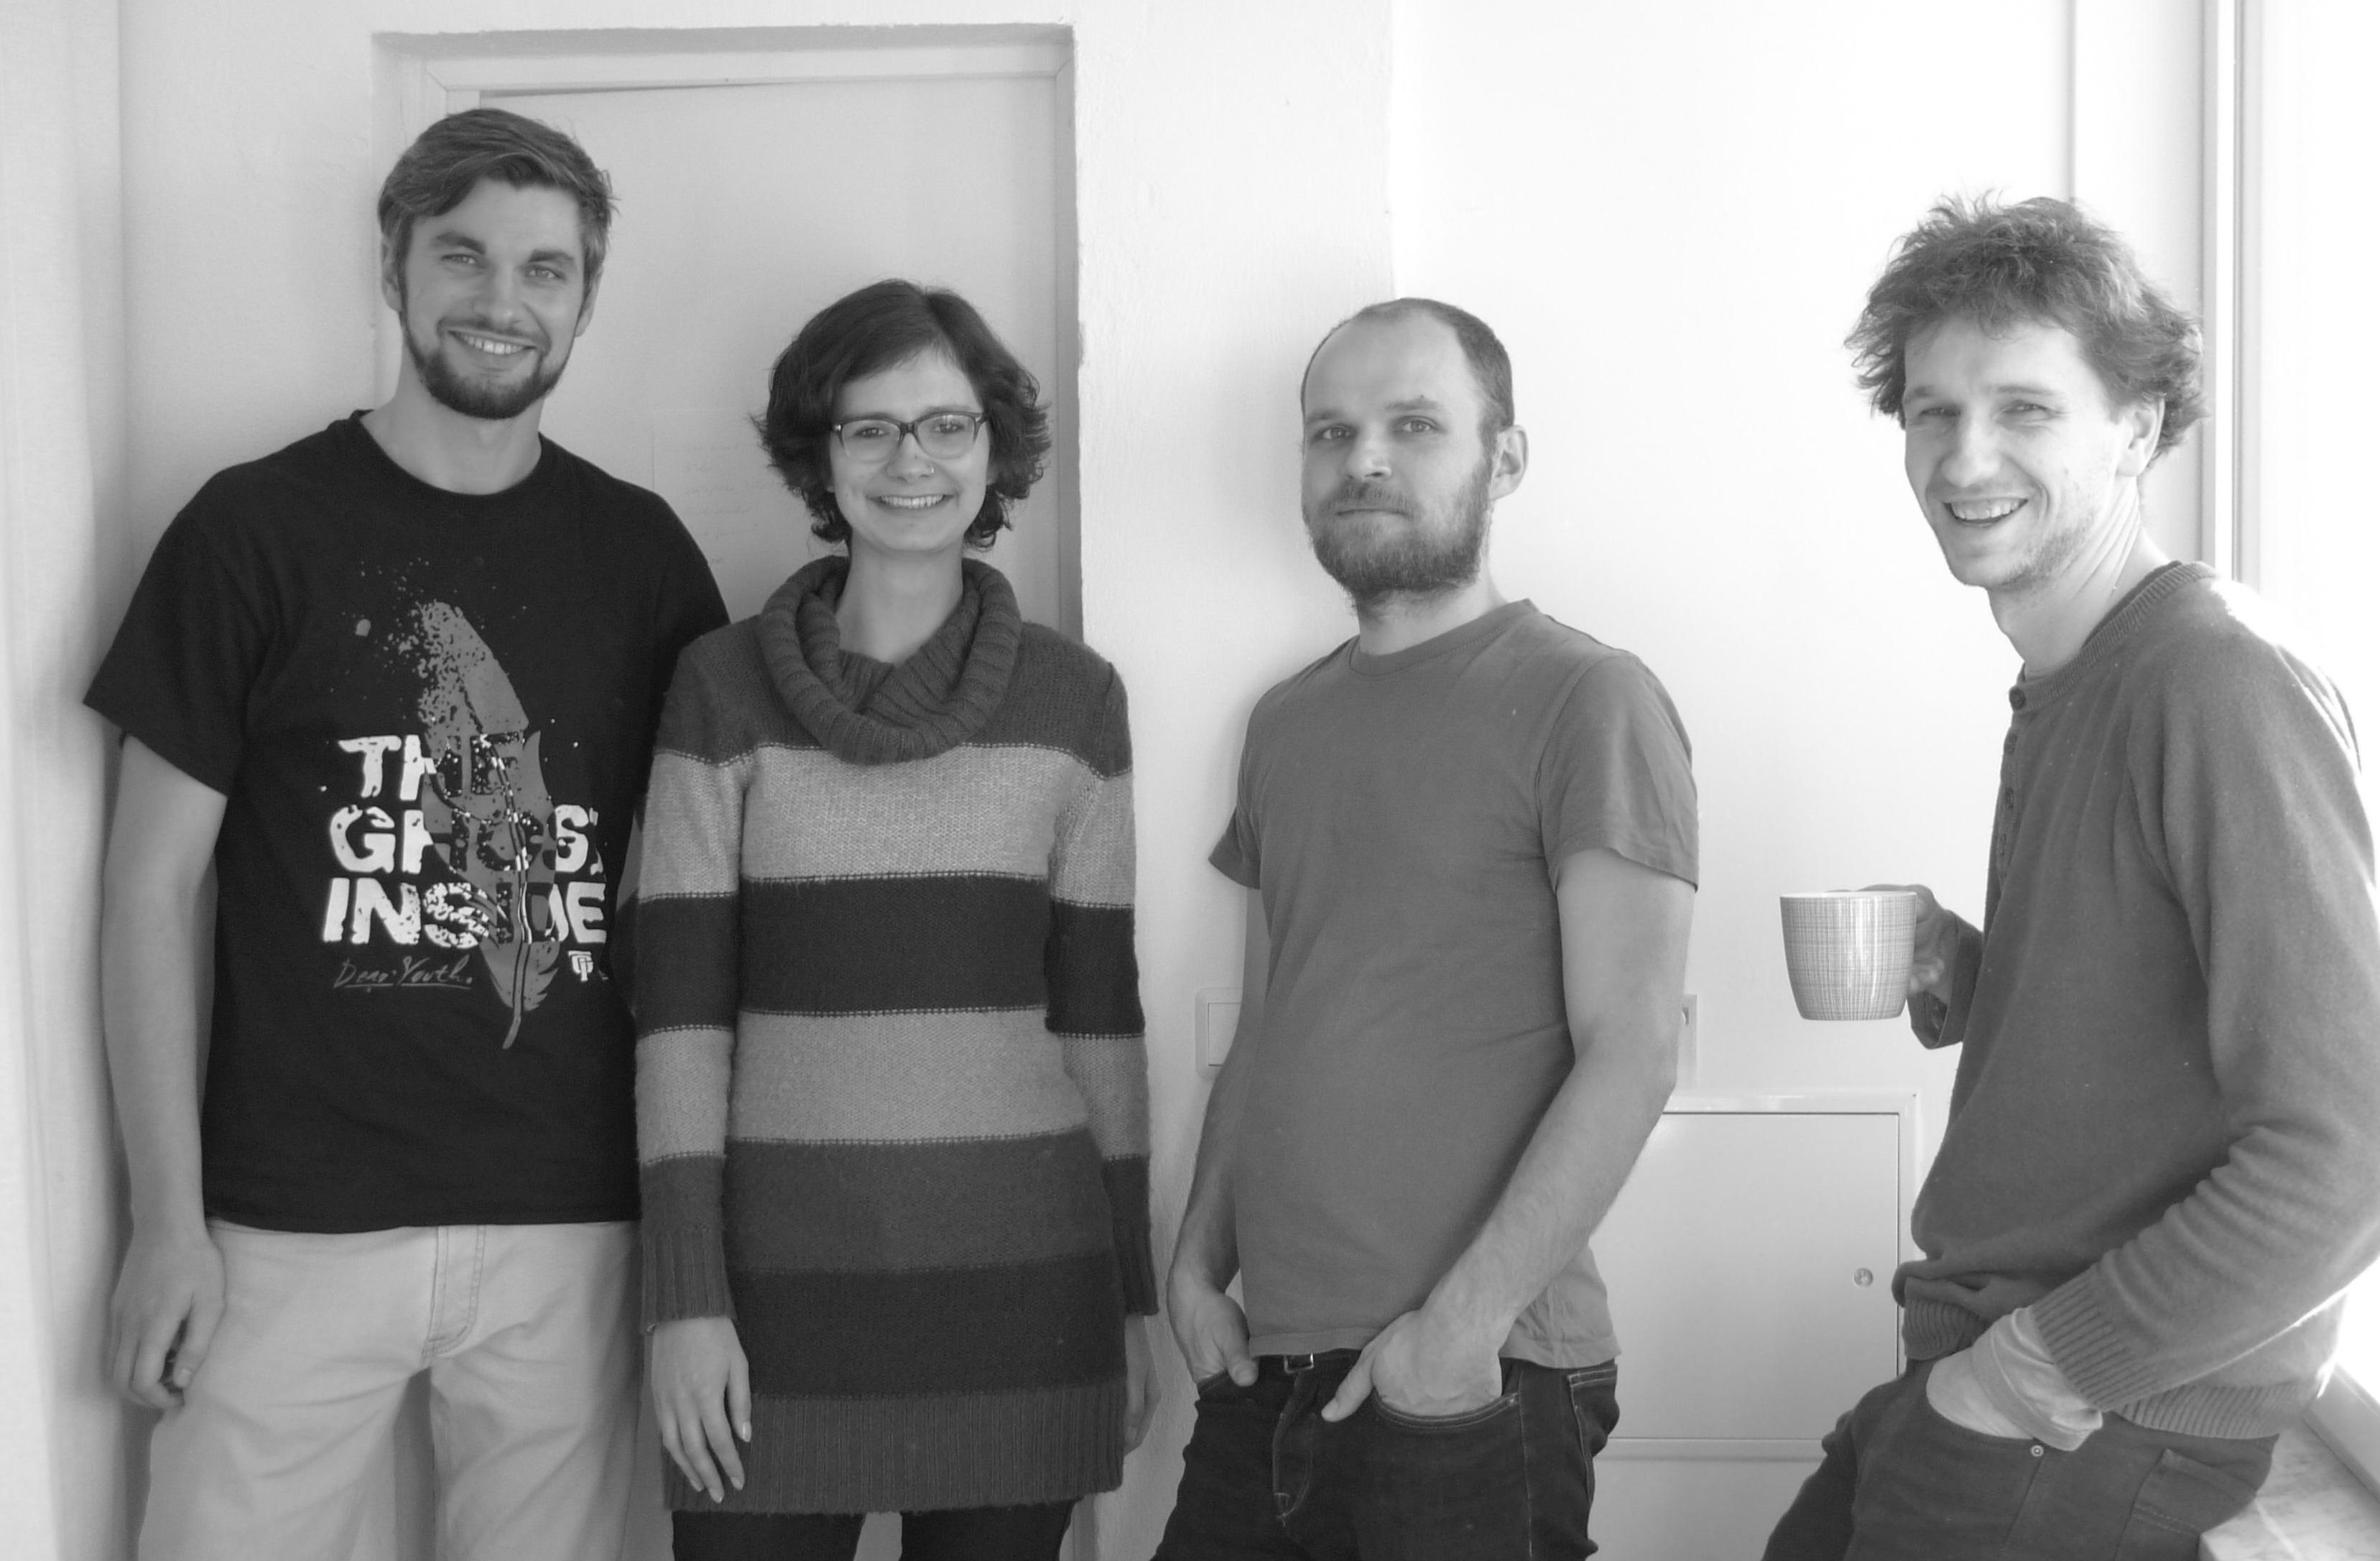 Das ist das Pictrs-Team. Zumindest der feste Kern.